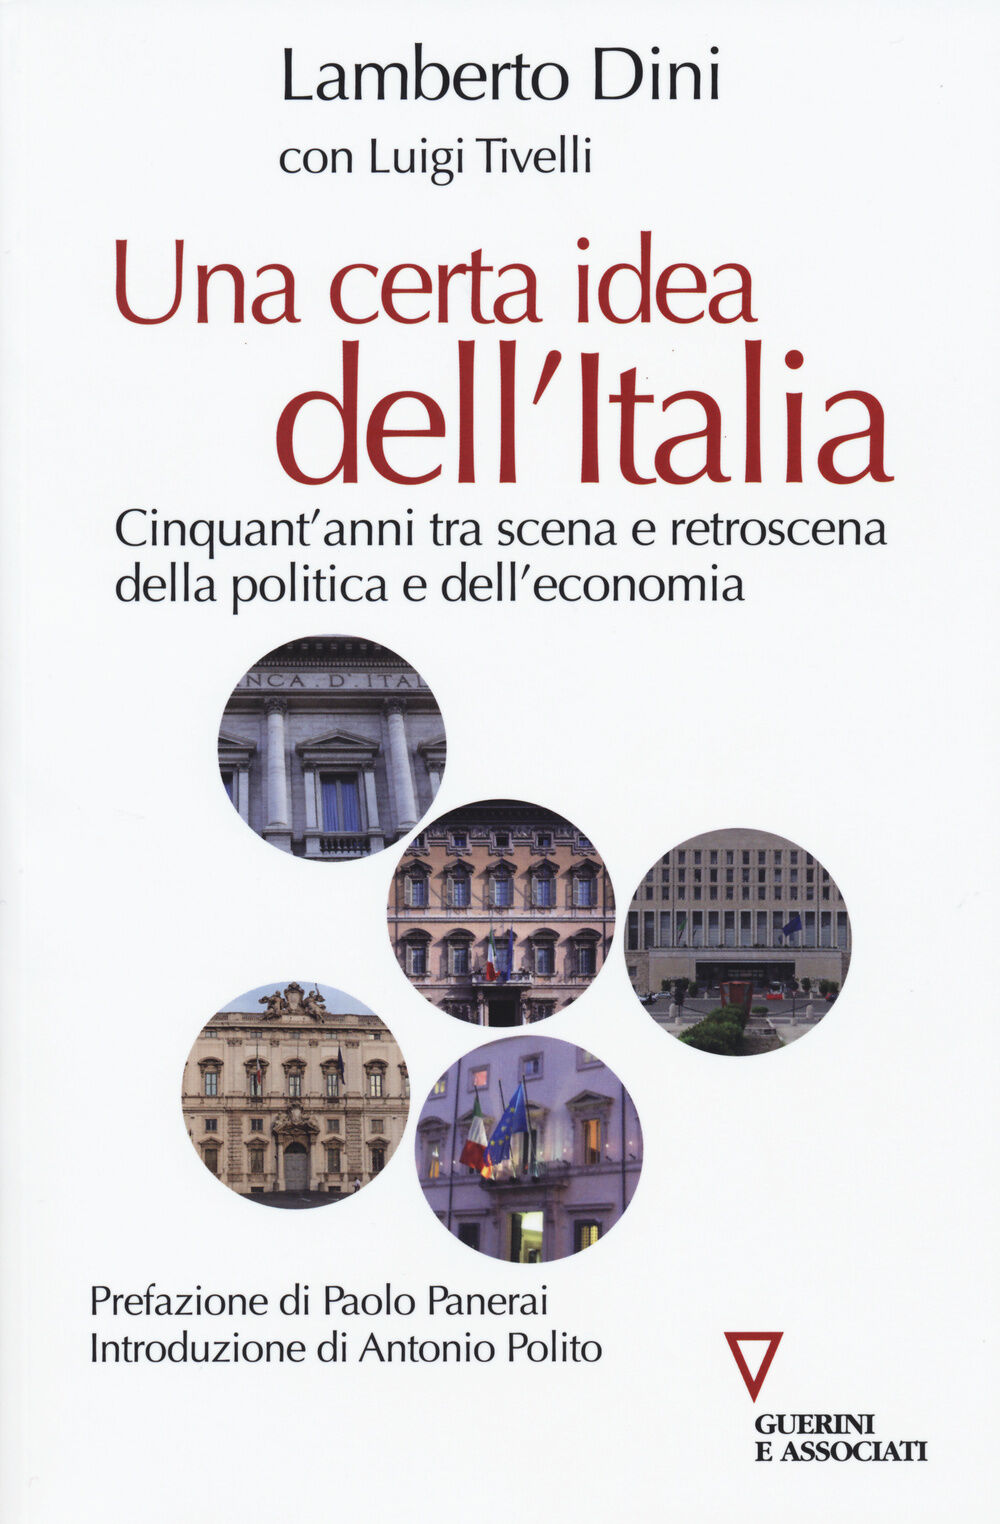 Una certa idea dell'Italia. Cinquant'anni tra scena e retroscena della politica e dell'economia